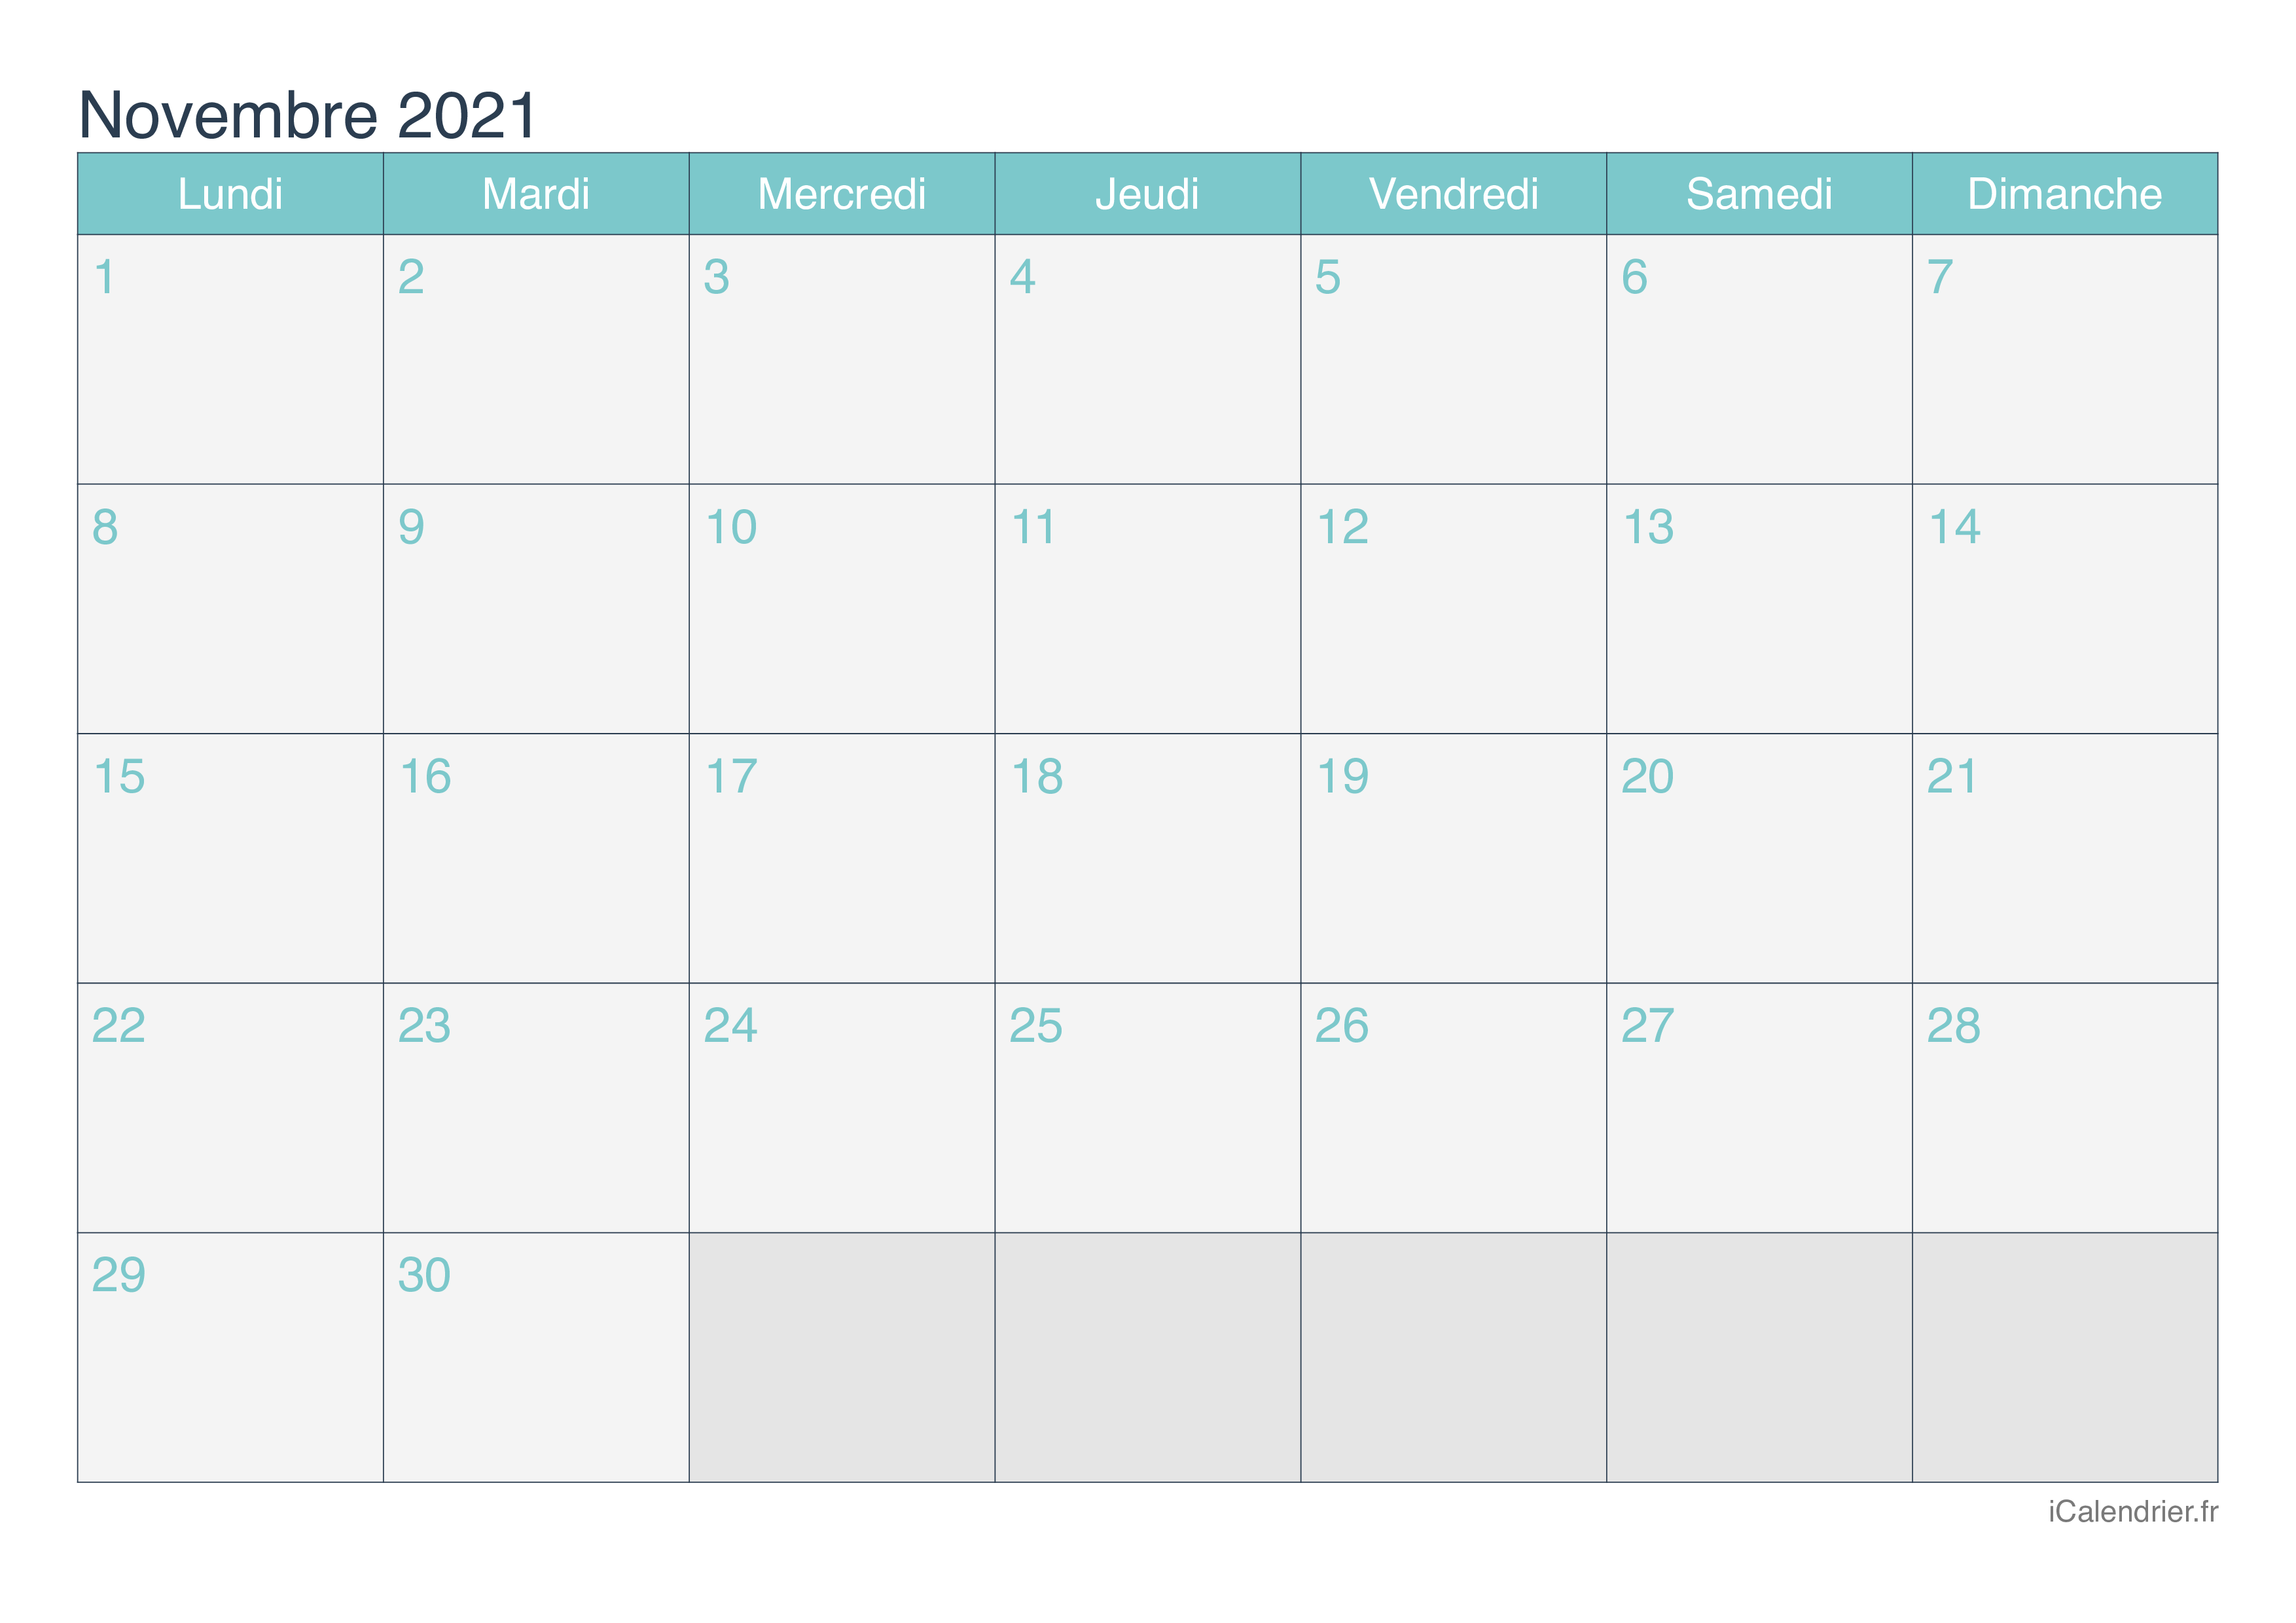 Calendrier Novembre 2021 Jours fériés à Imprimer | Calendrier 2020